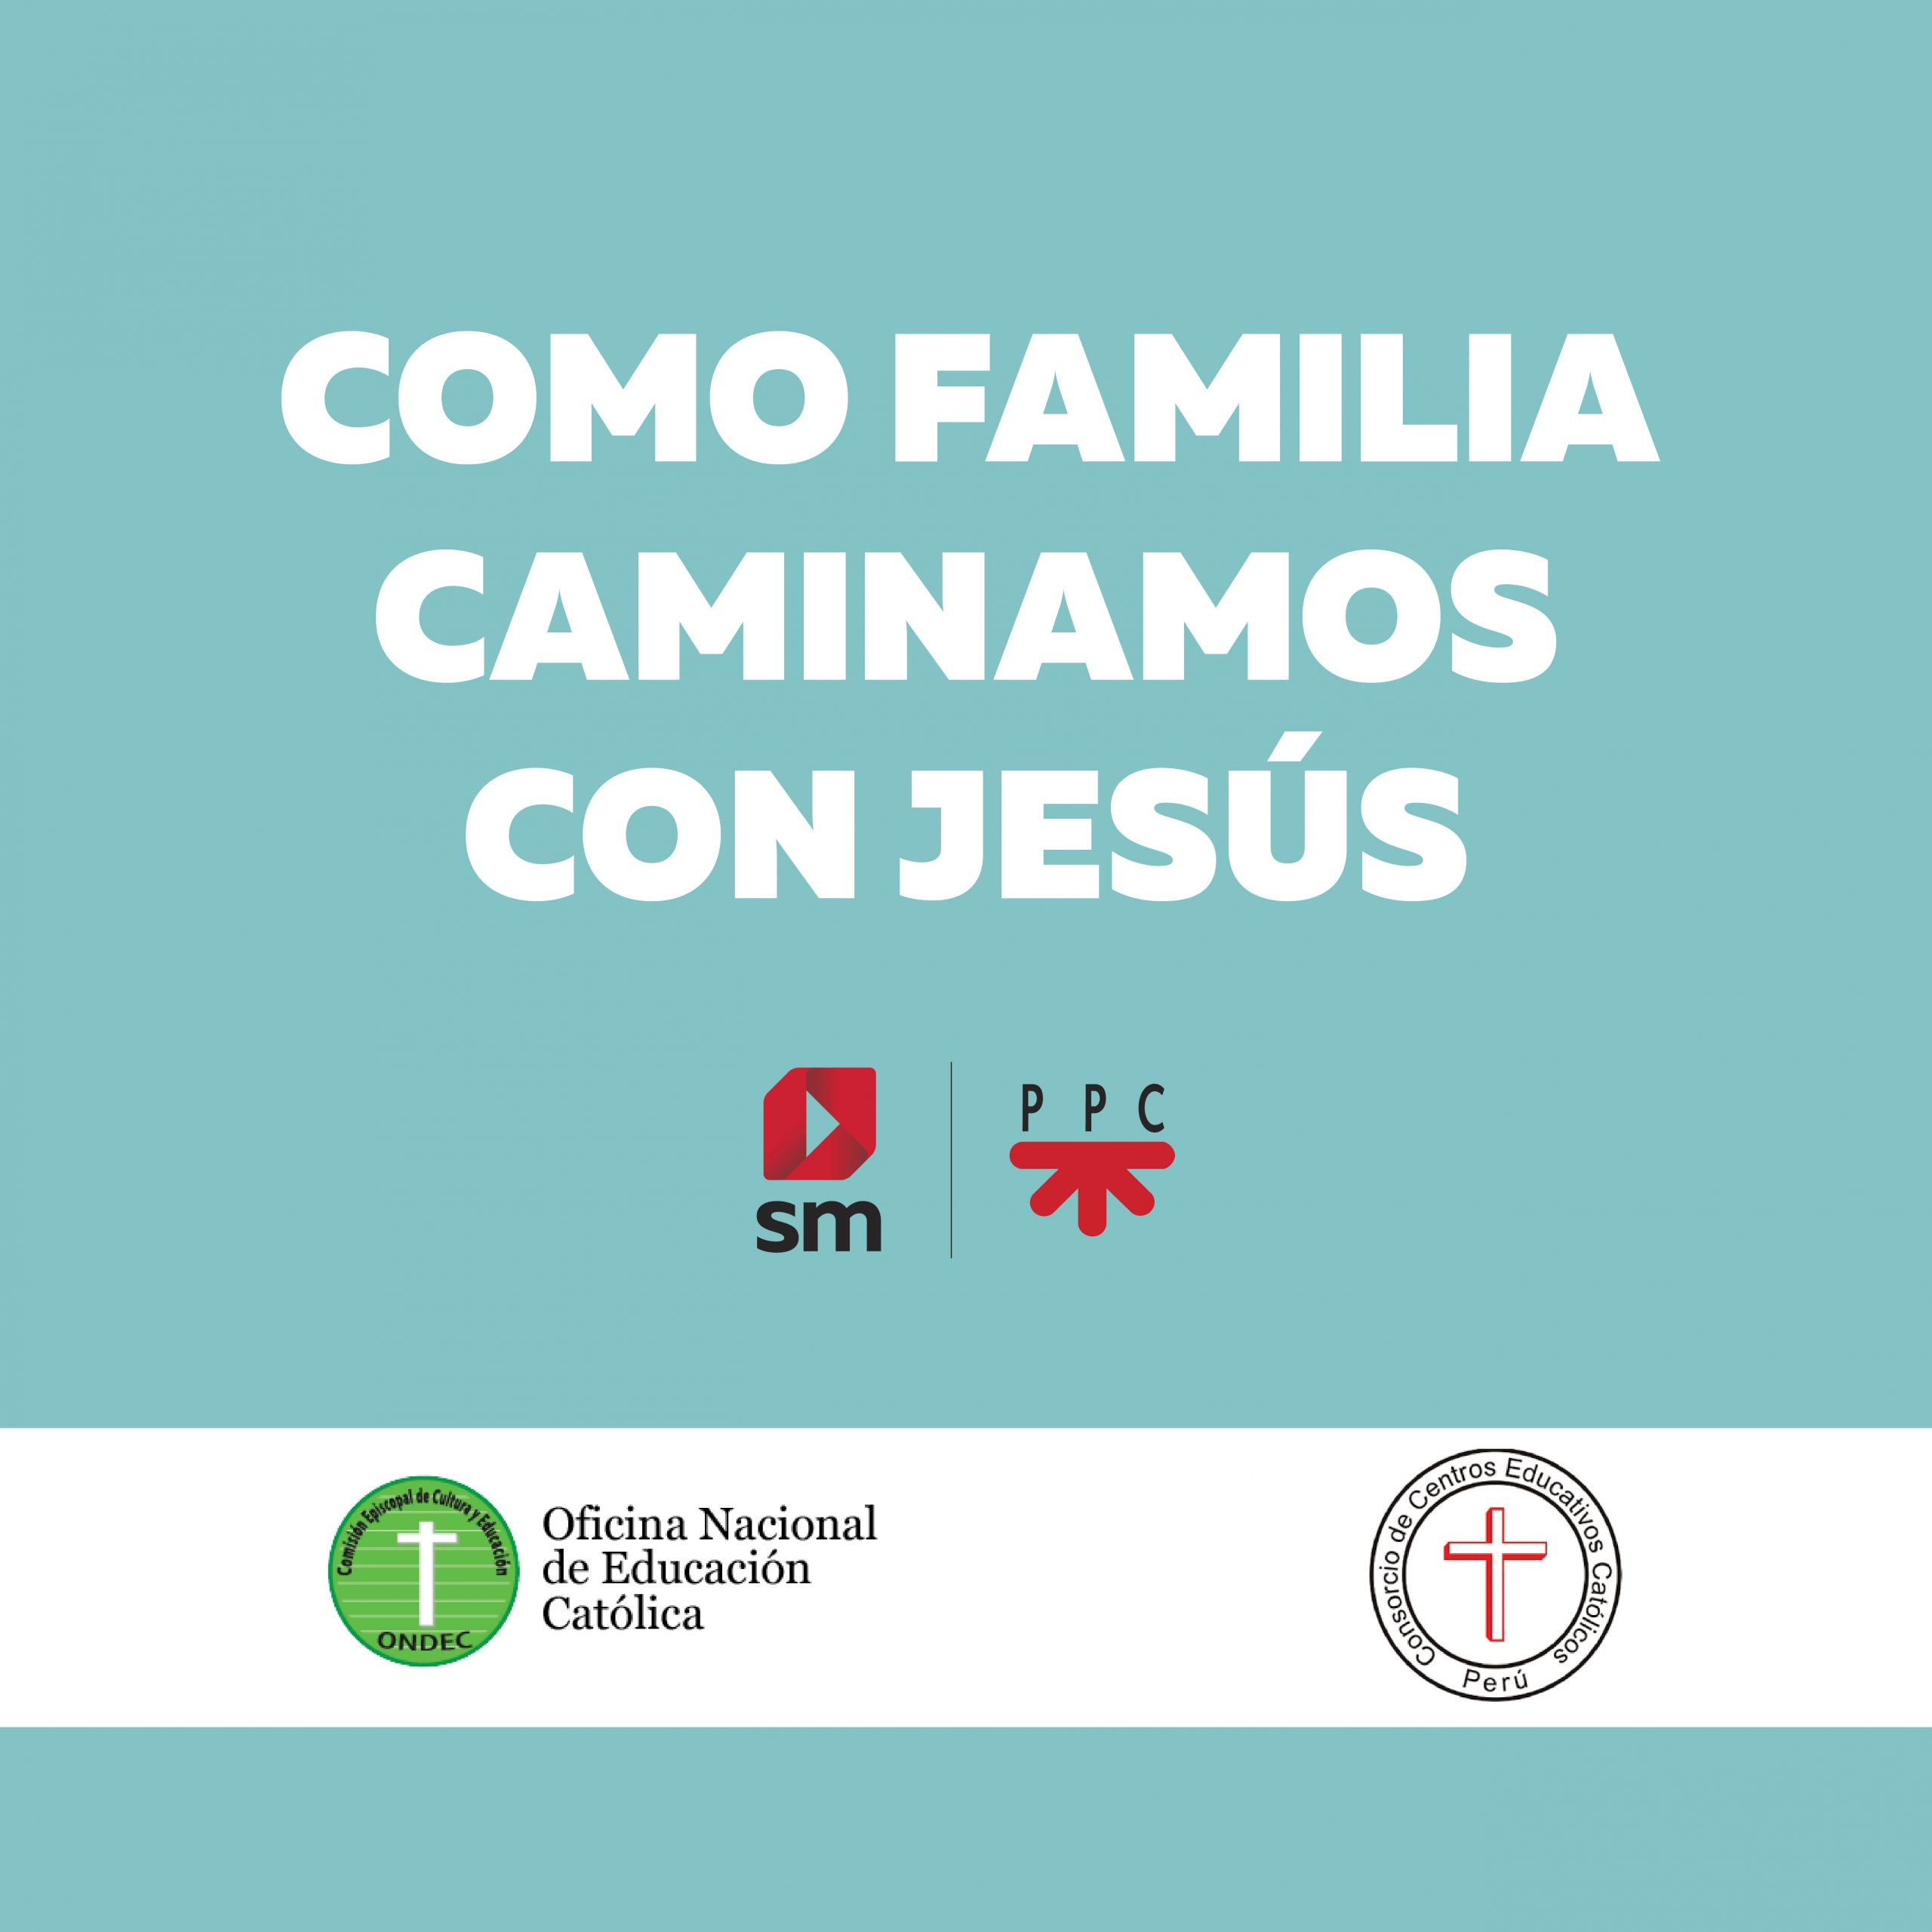 Como familia caminamos con Jesús